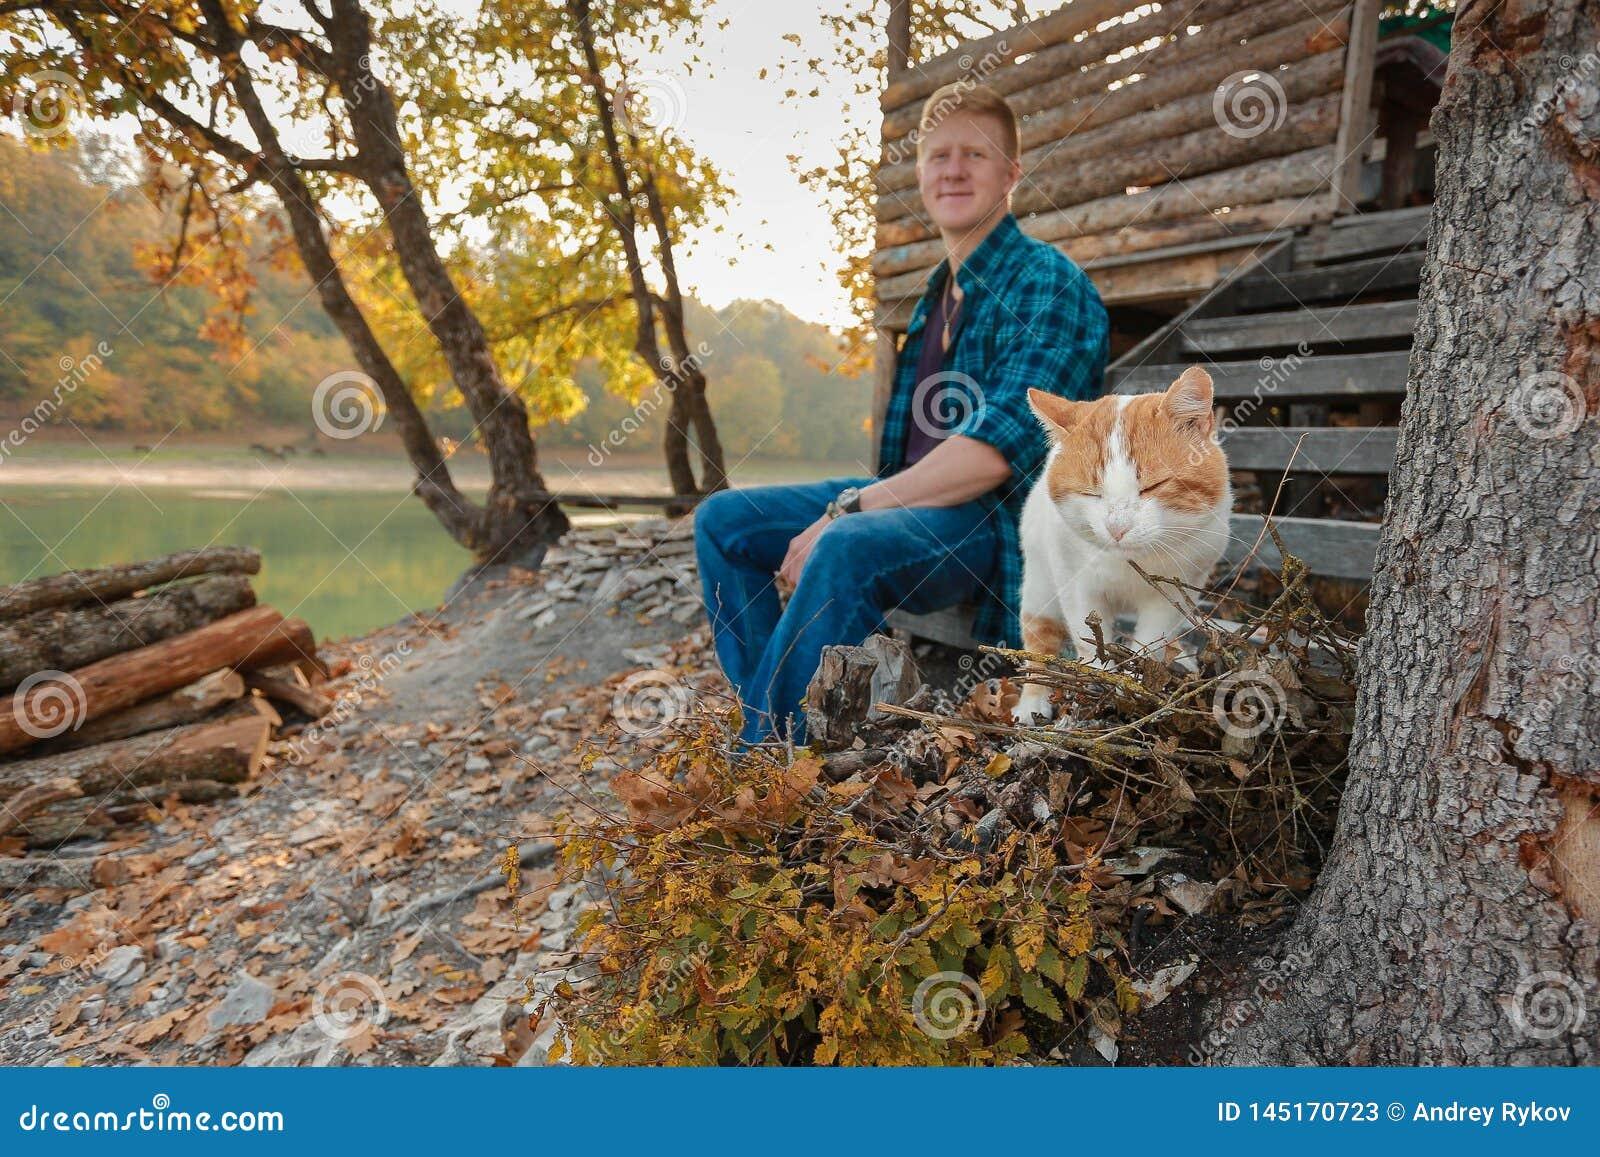 Wit-rode kat in de voorgrond en vage mens op de achtergrond